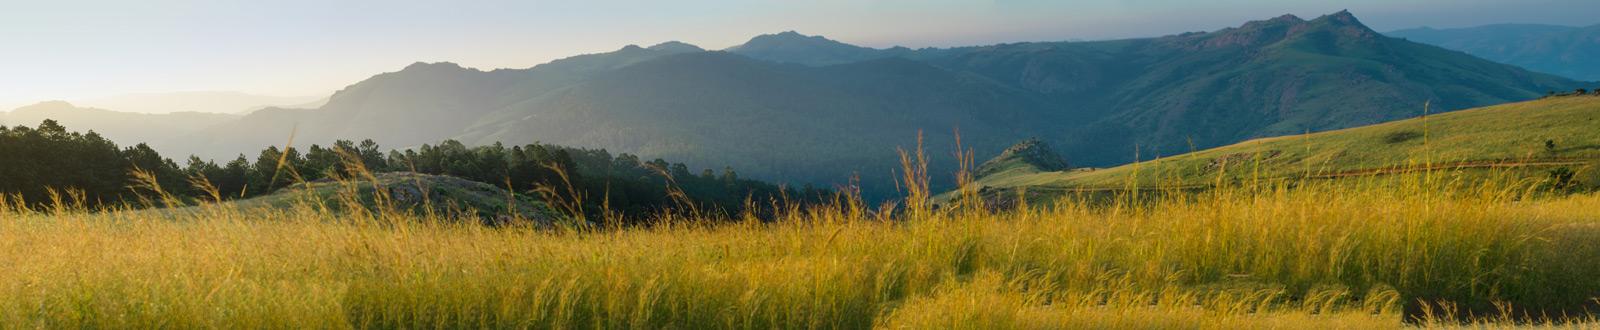 swaziland-panorama